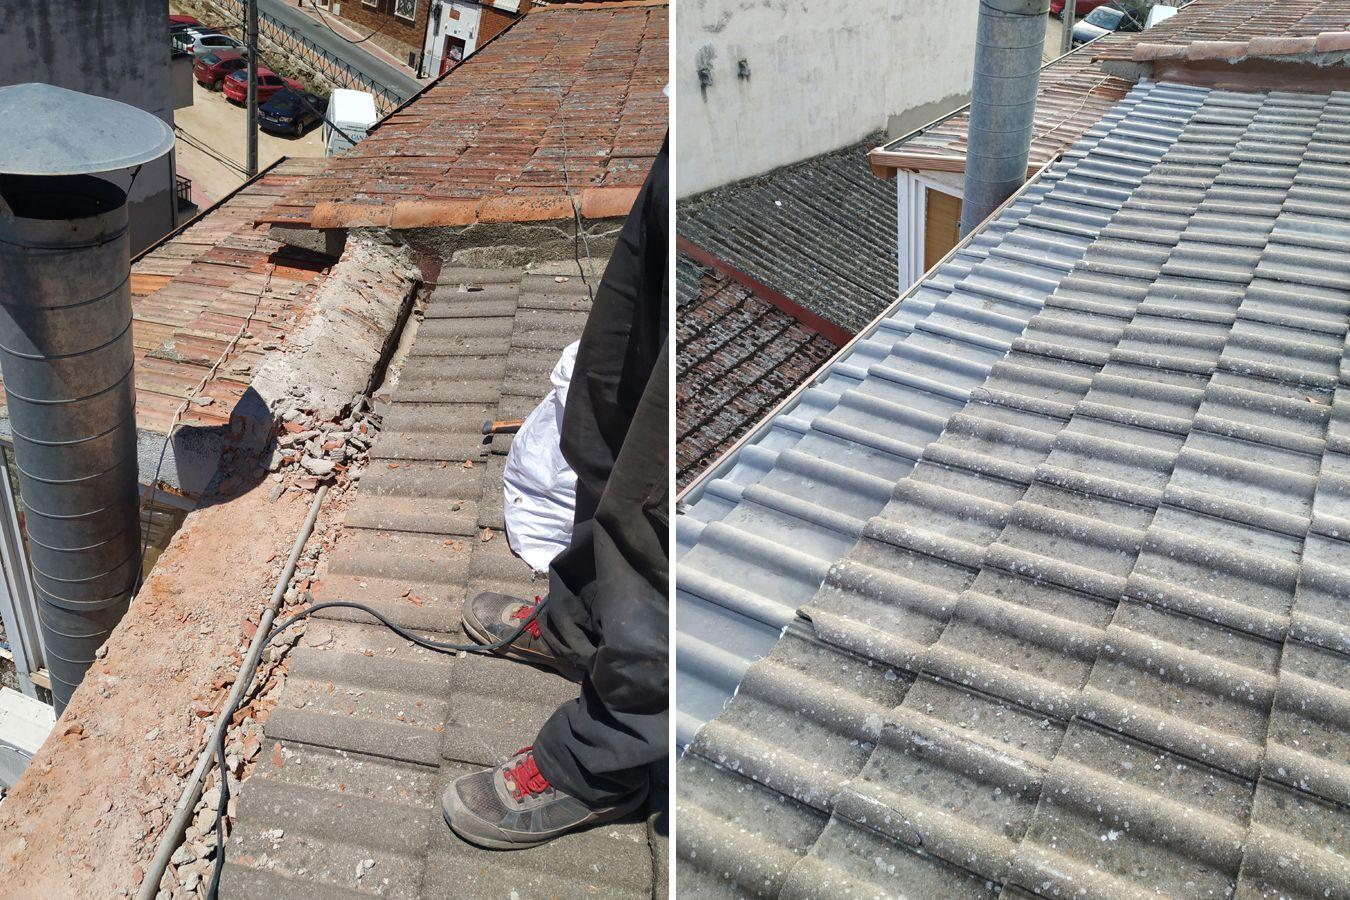 Reparación tejado sacar agua del canalón interior al exterior antes y después del trabajo